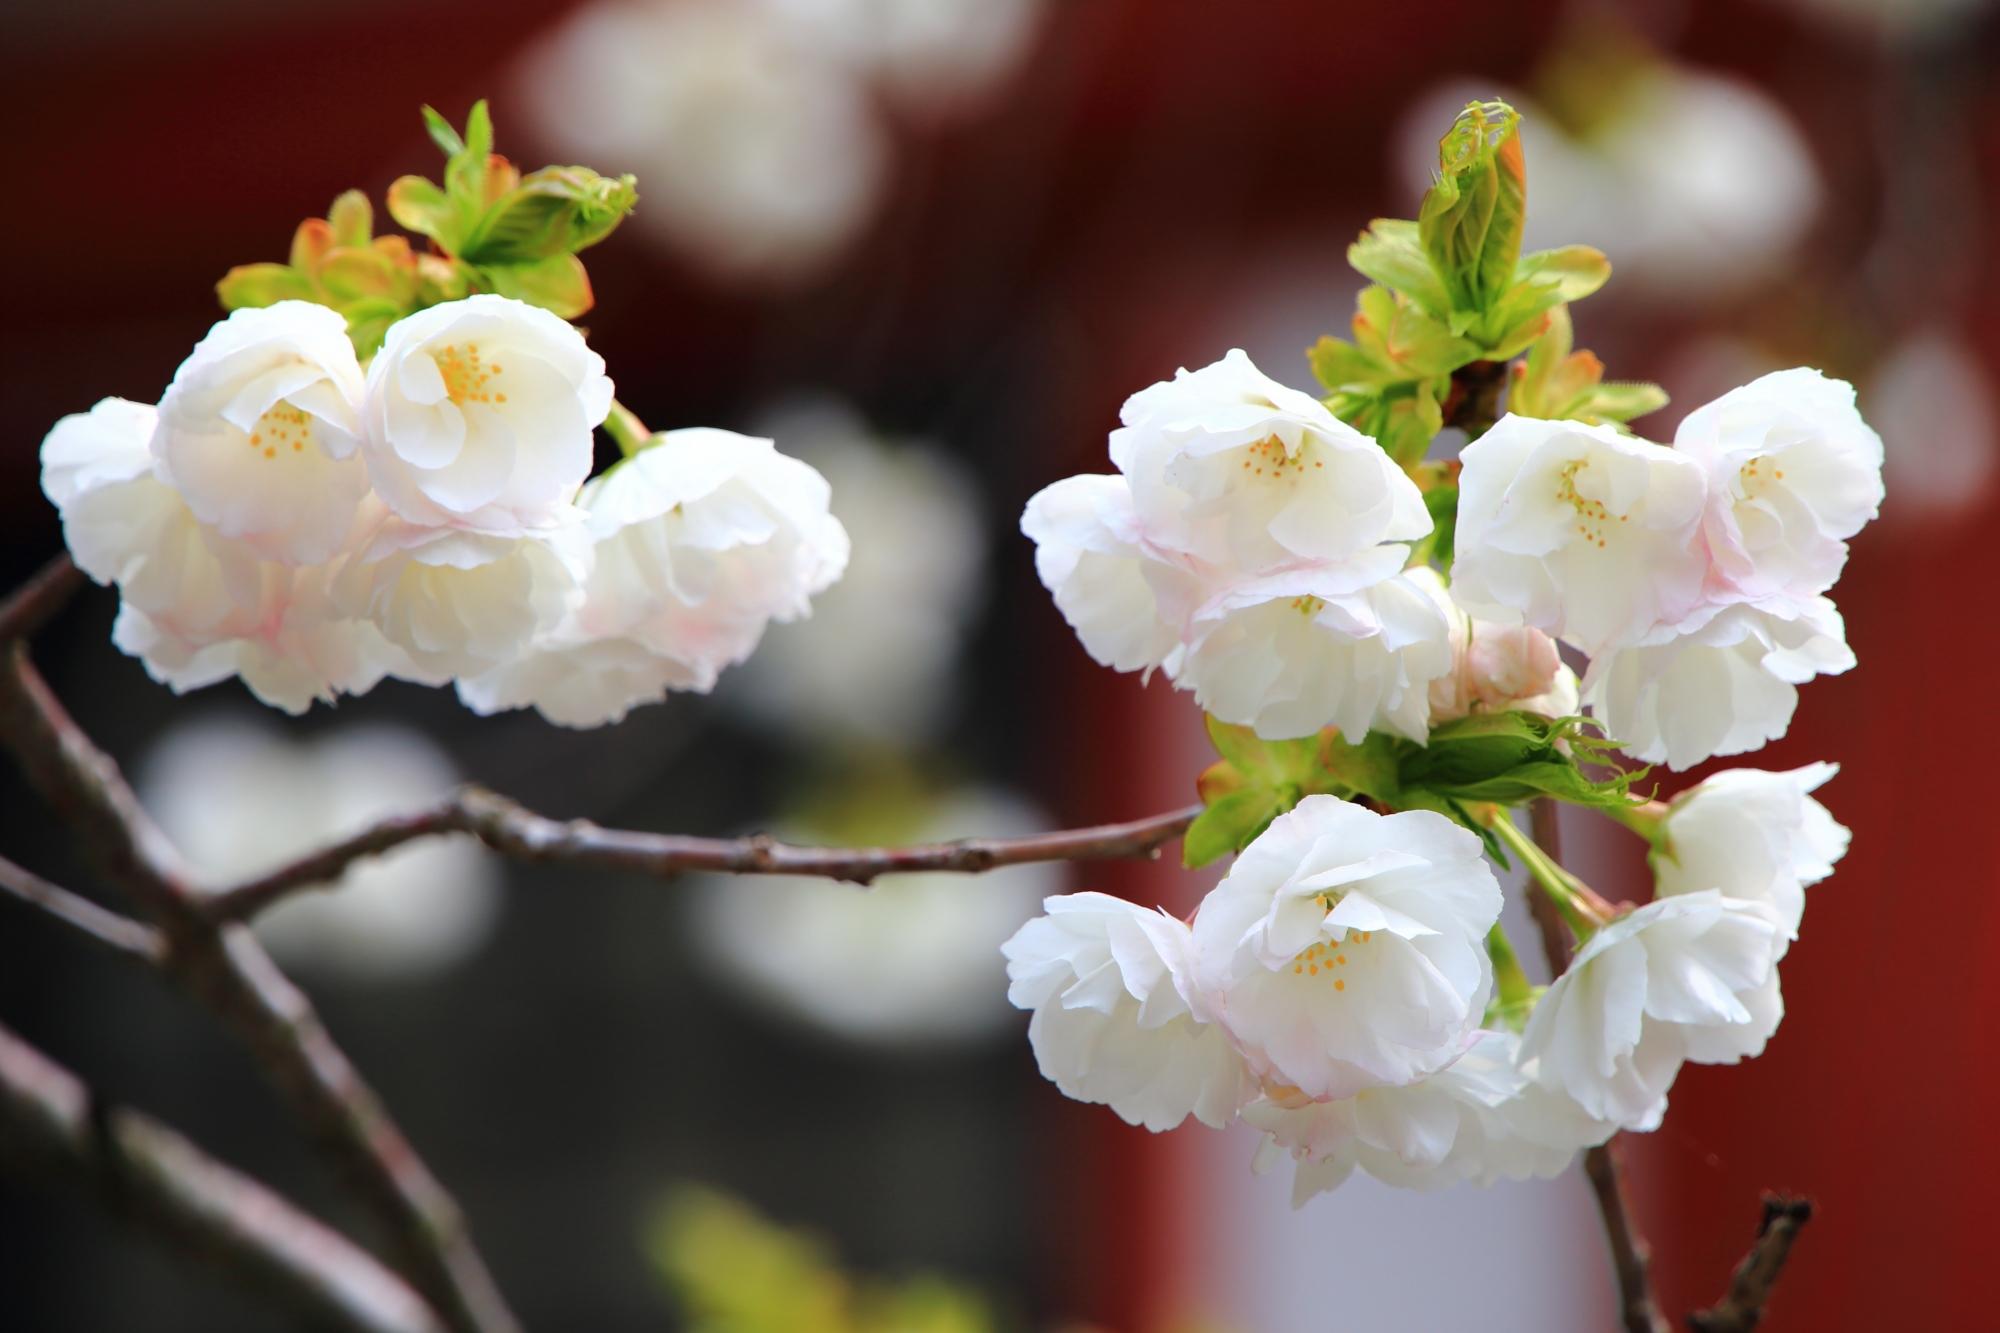 金堂前をほのかな春色に彩る里桜